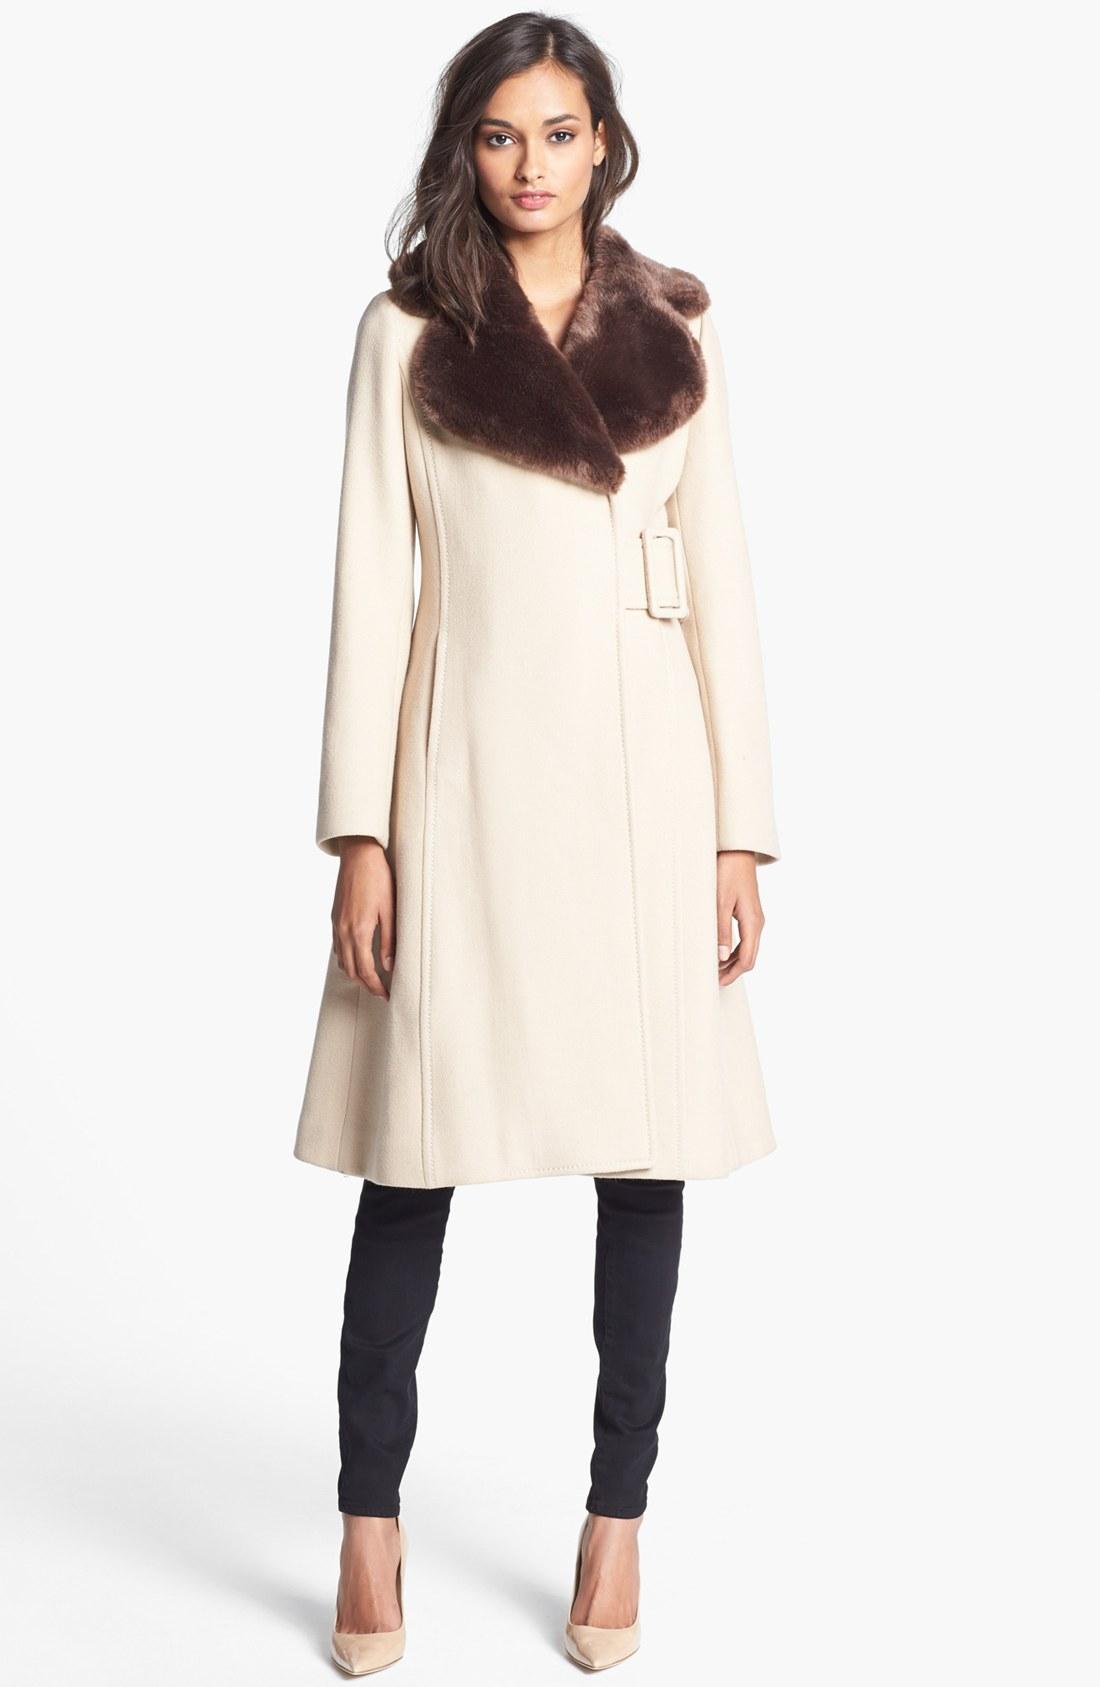 Kate Spade Briella Faux Fur Collar Coat In Beige Flat